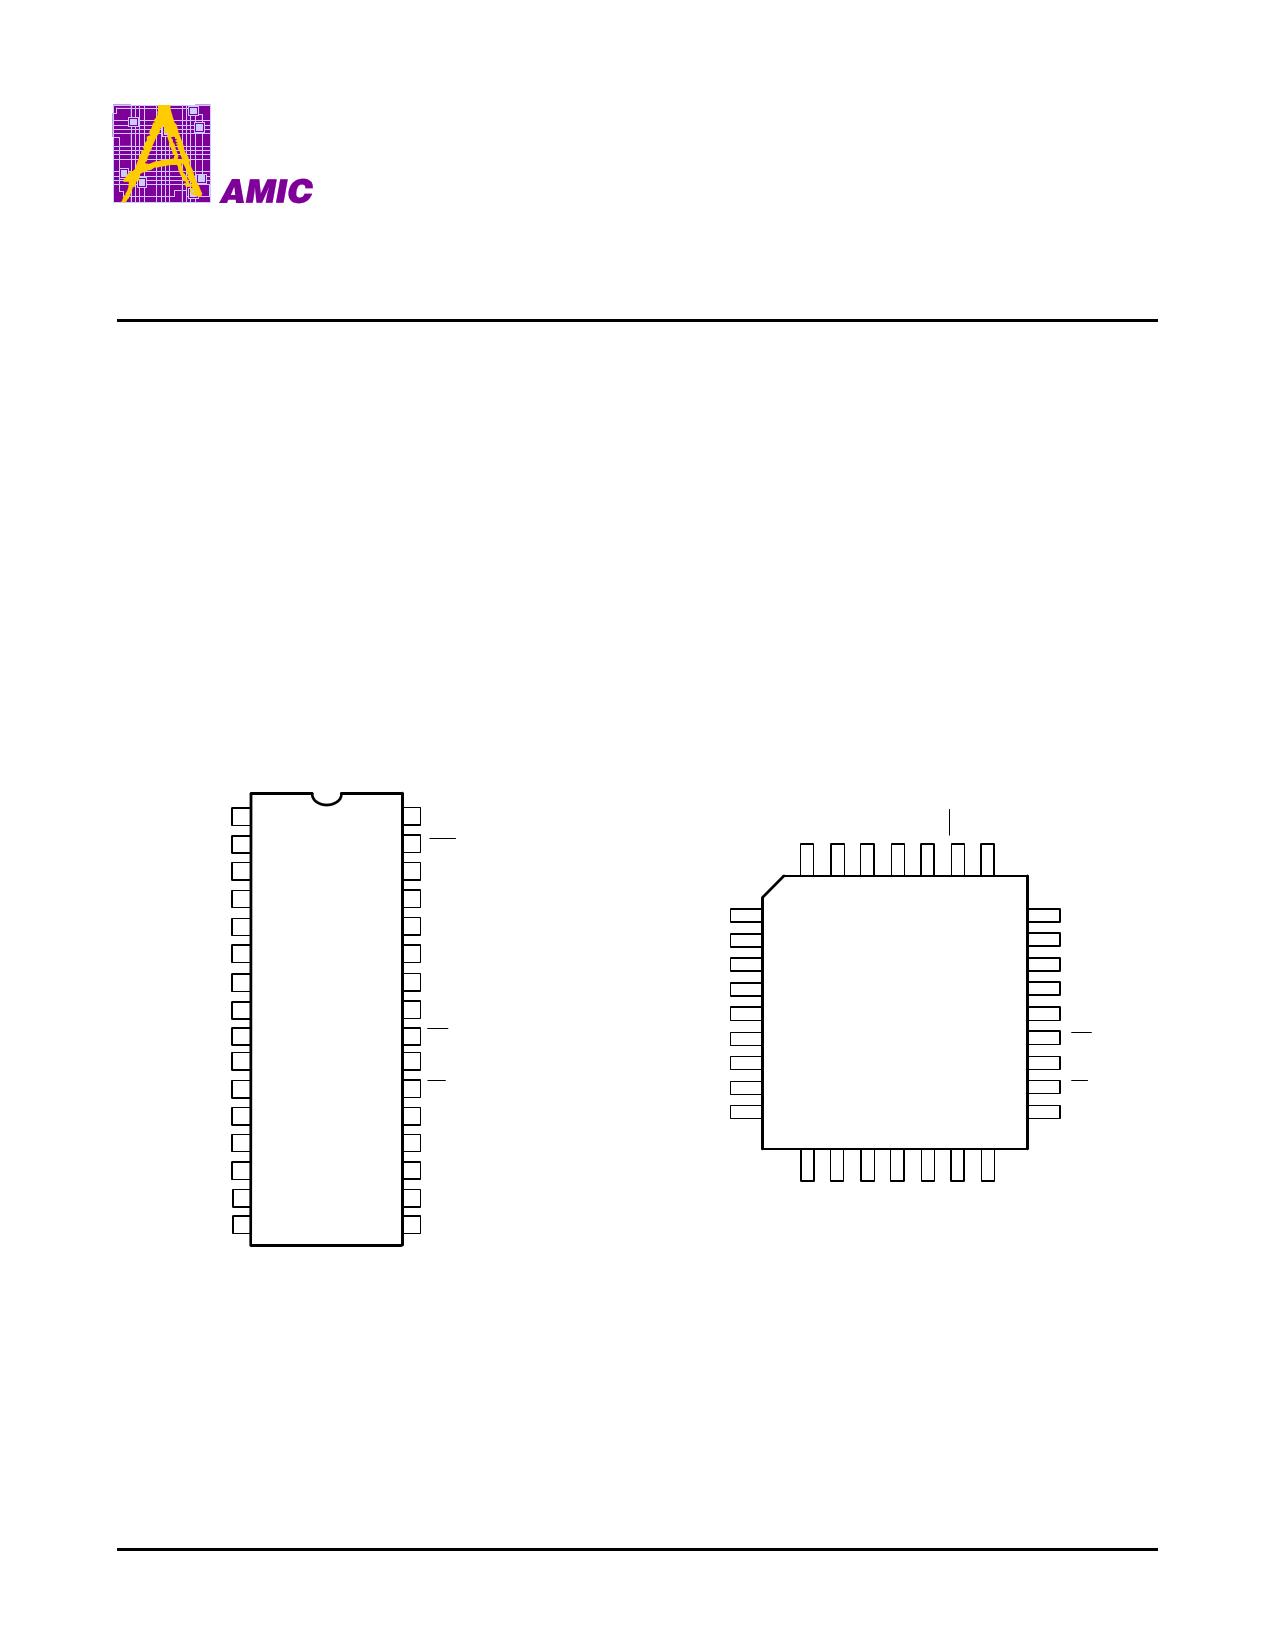 A27020-55 pdf, schematic